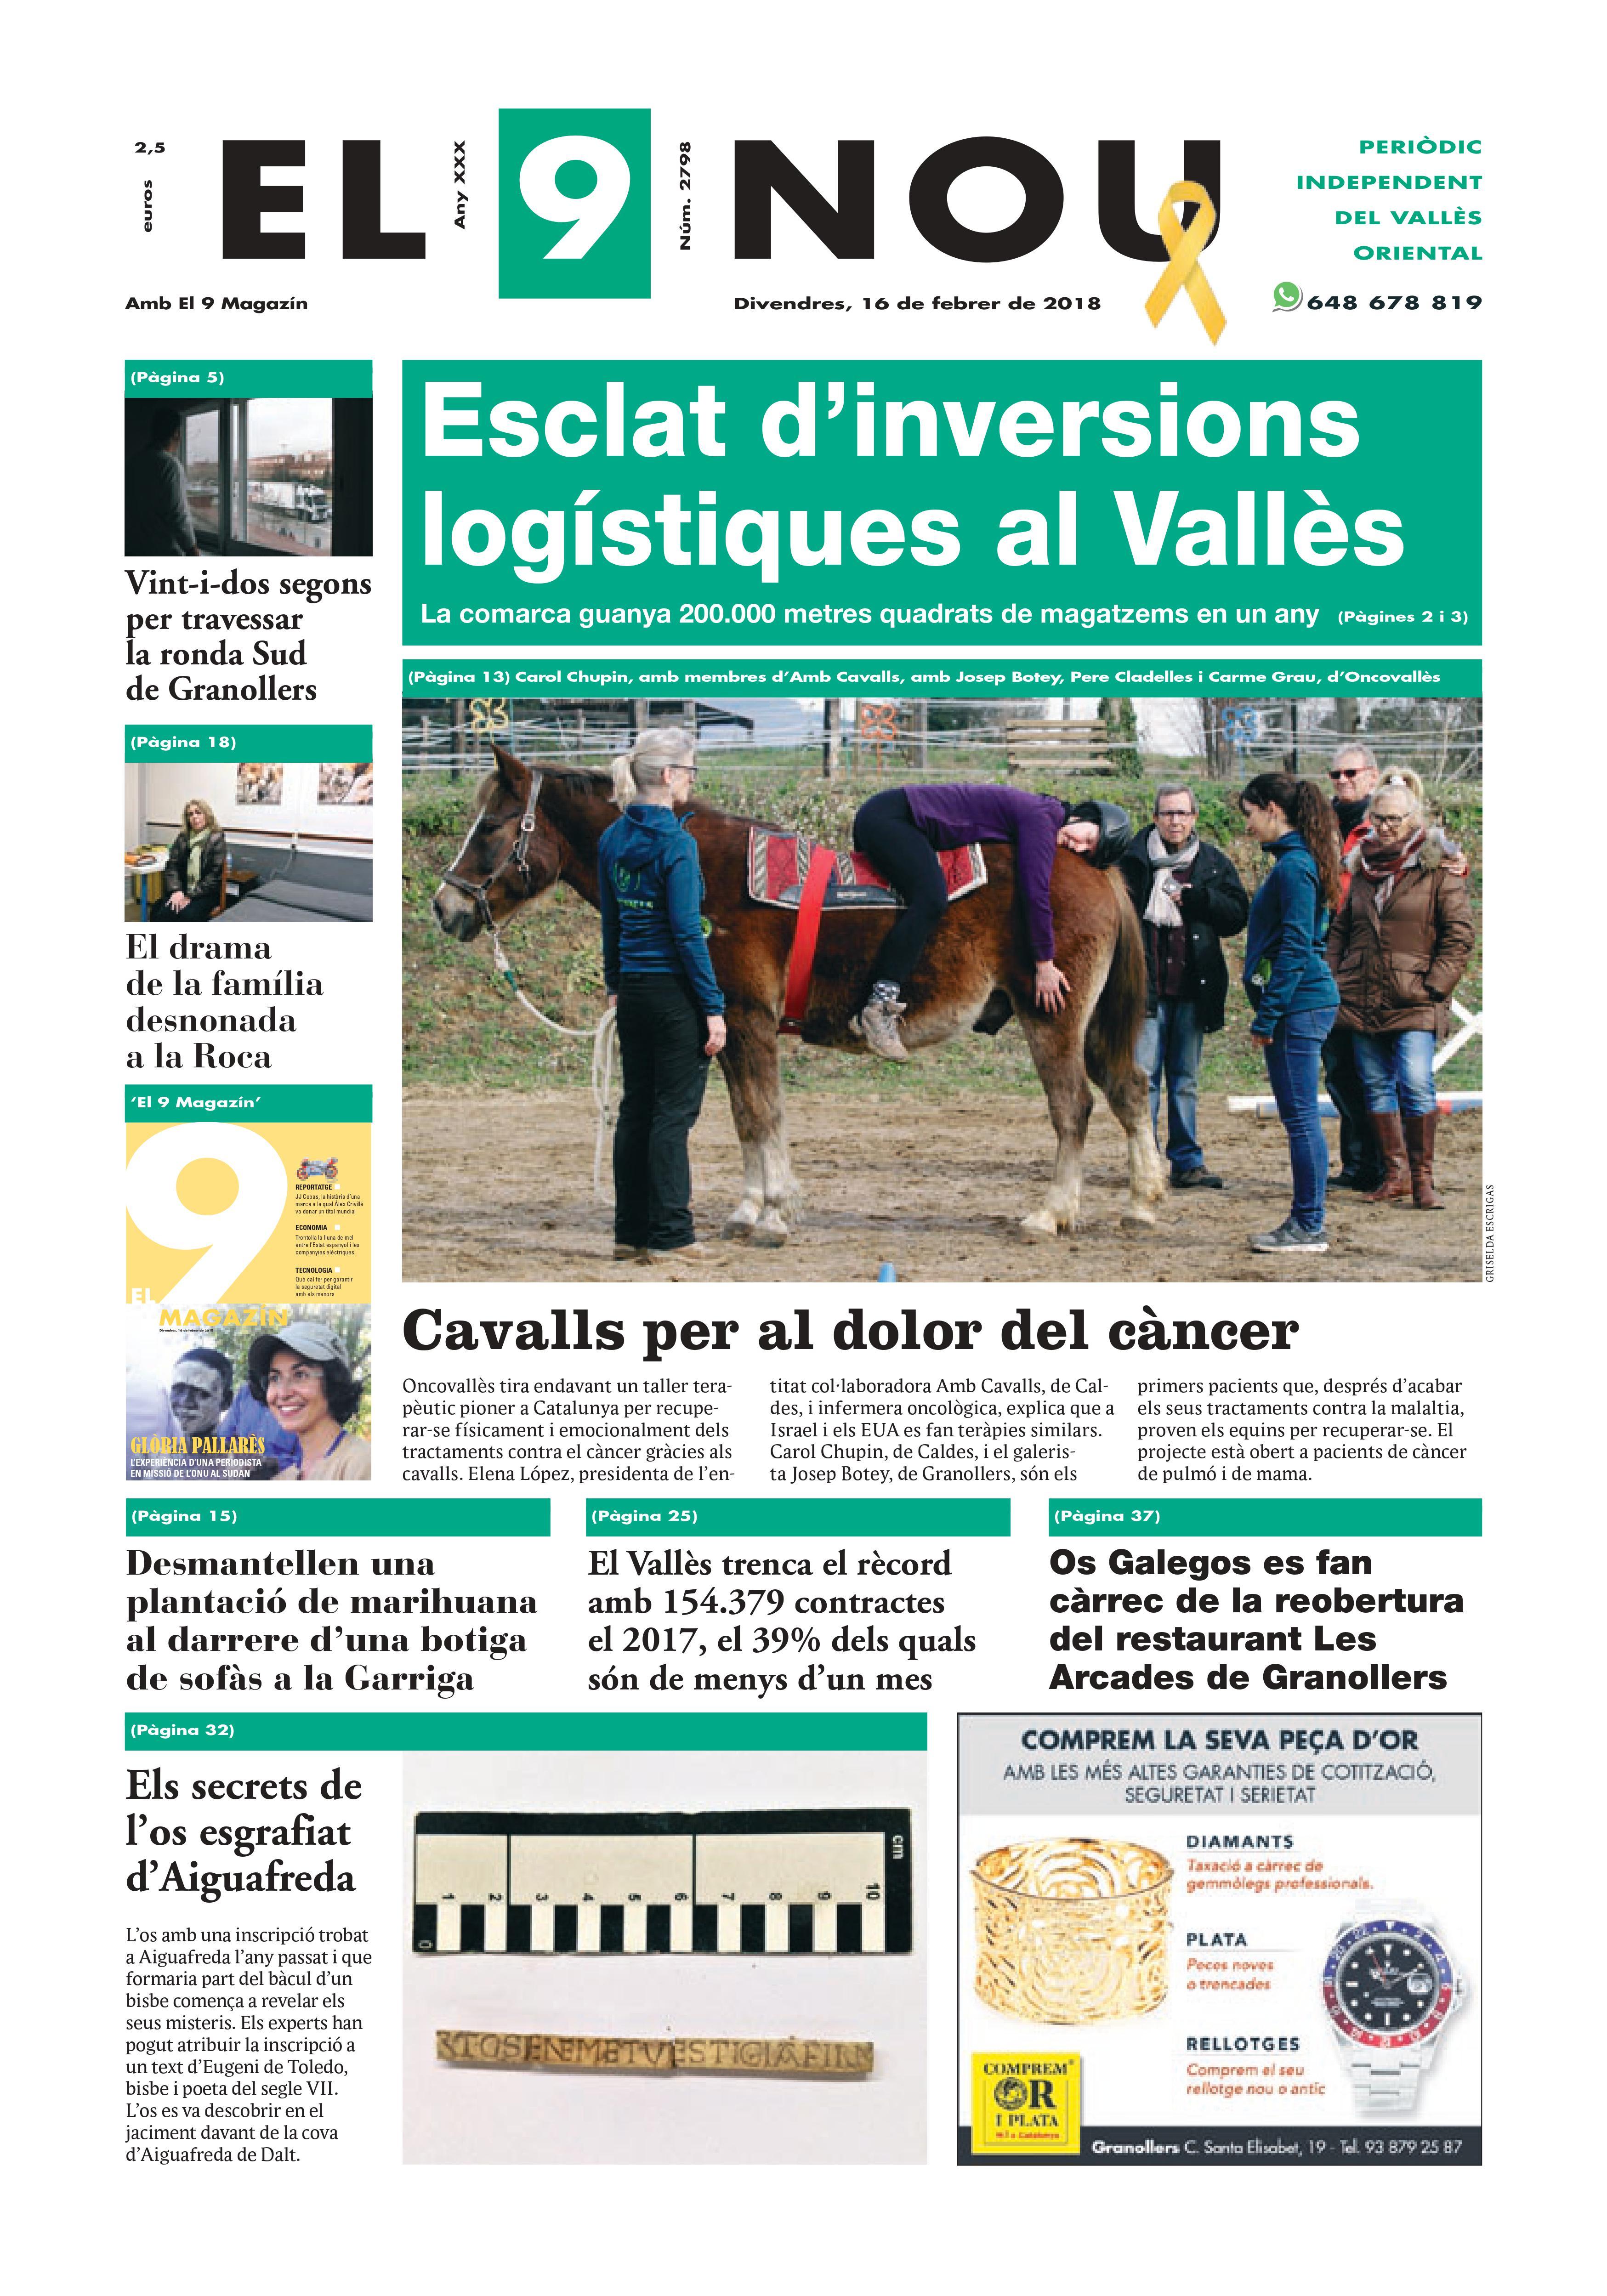 Primera Plana EL 9 NOU 16_02_18 Vallès